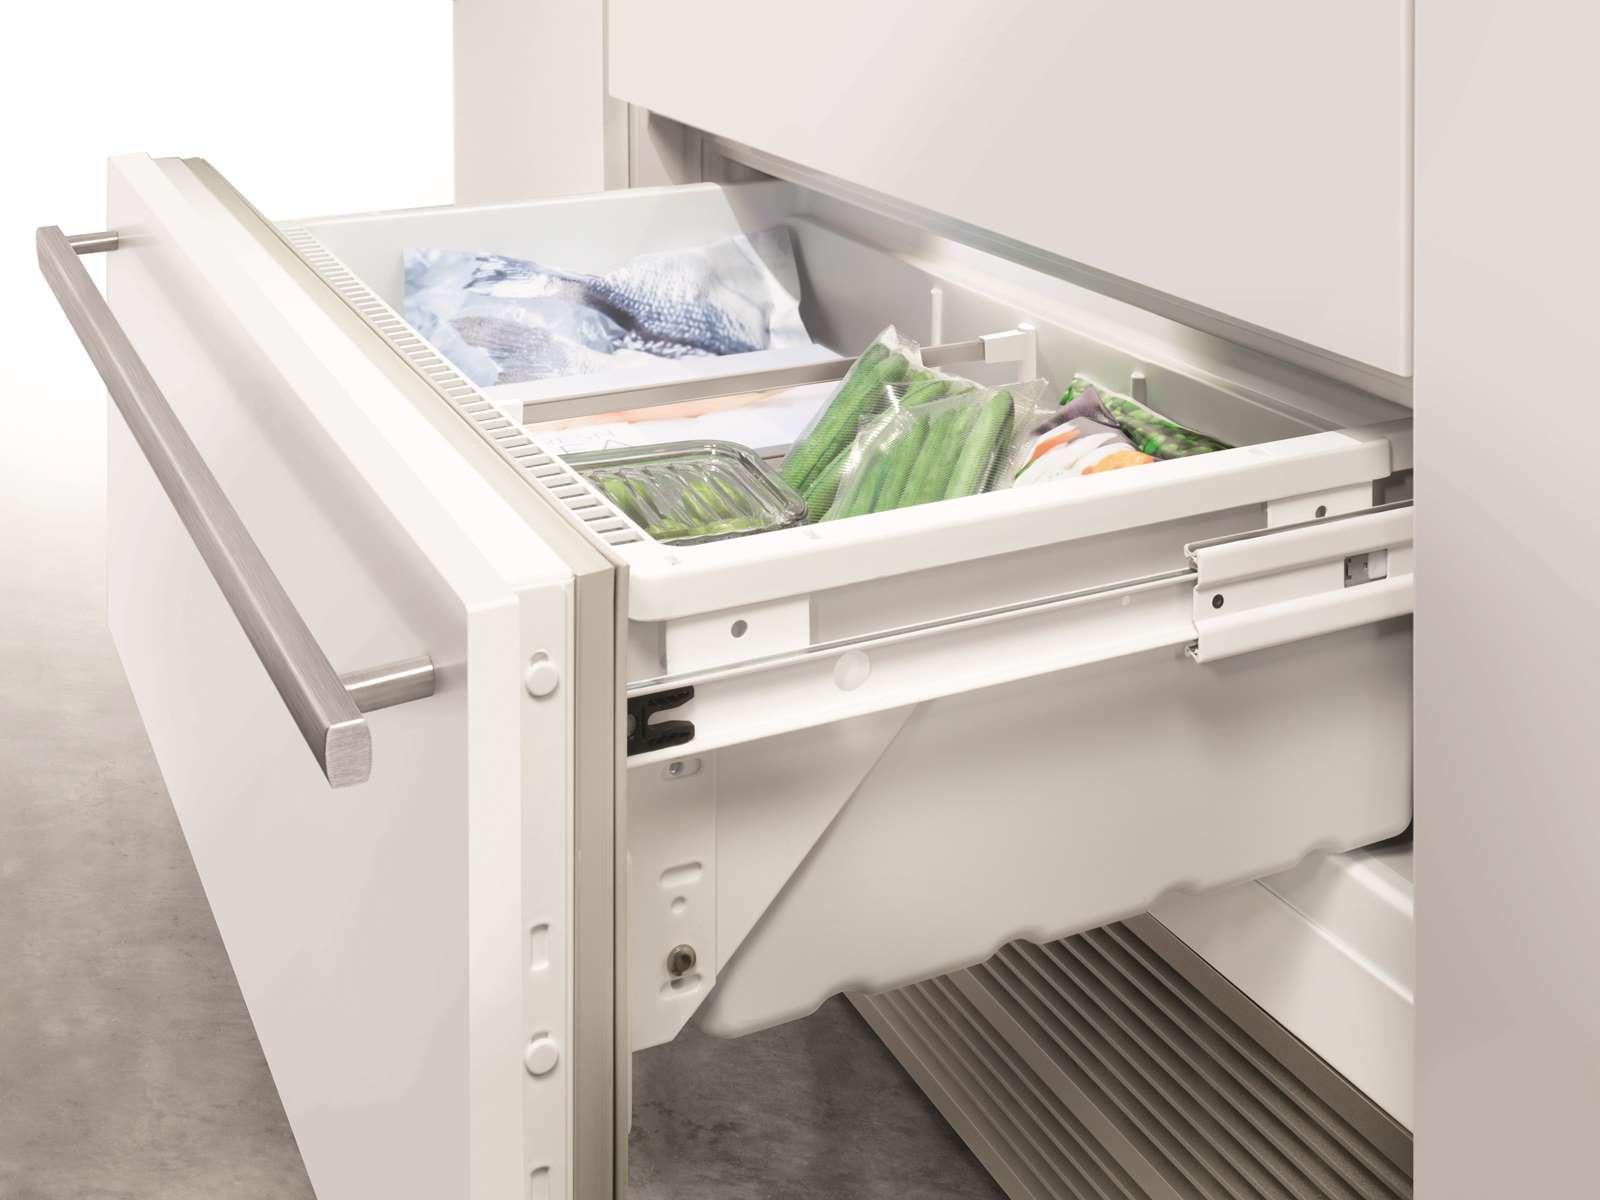 купить Встраиваемый двухкамерный холодильник Liebherr ECBN 6256 Украина фото 15